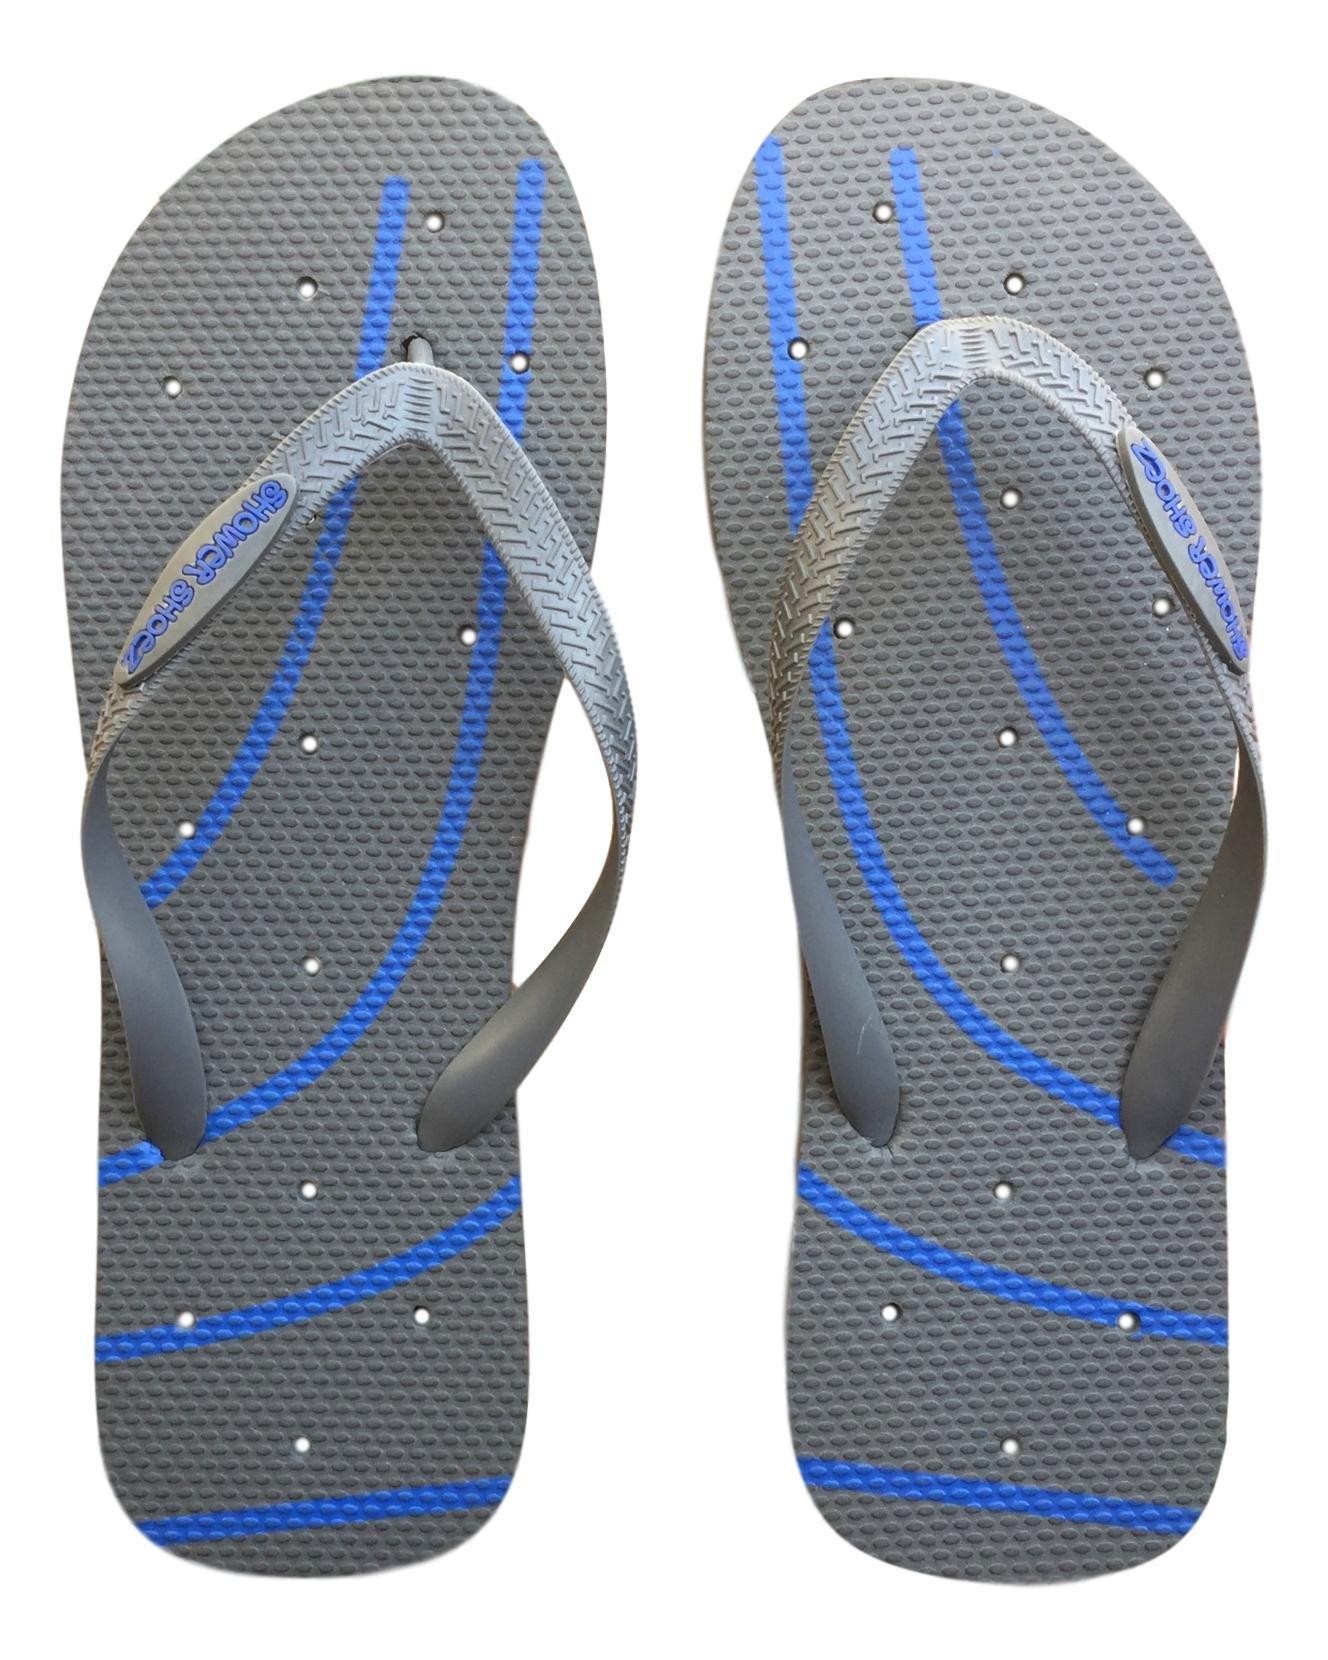 Shower Shoez Men's Antimicrobial Non-Slip Pool Dorm Water Sandals Flip Flops (XLarge 12/13, Grey/Blue) by Shower Shoez (Image #2)